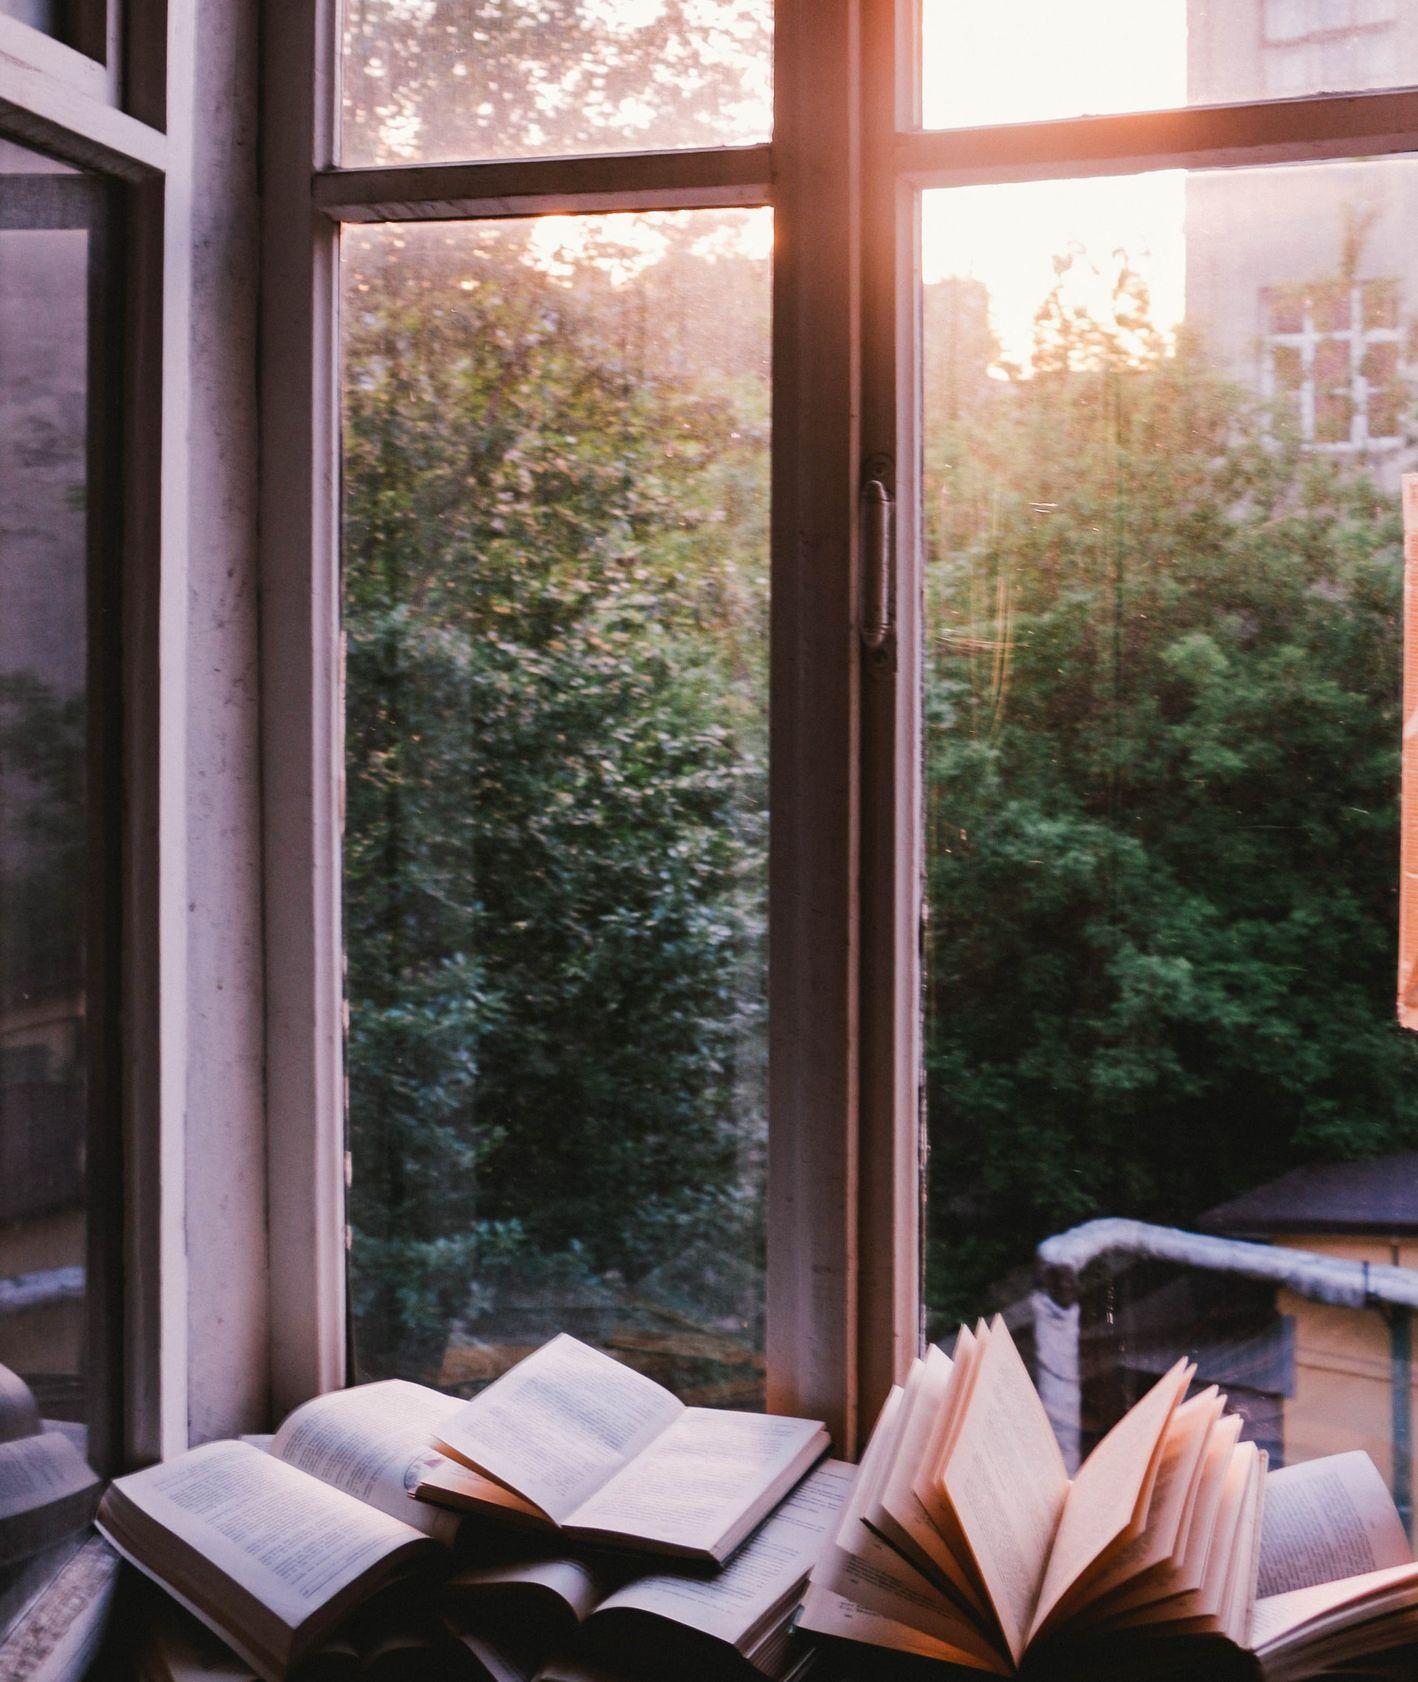 Otwarte książki na oknie (fot. John Mark Smith / unsplash.com)